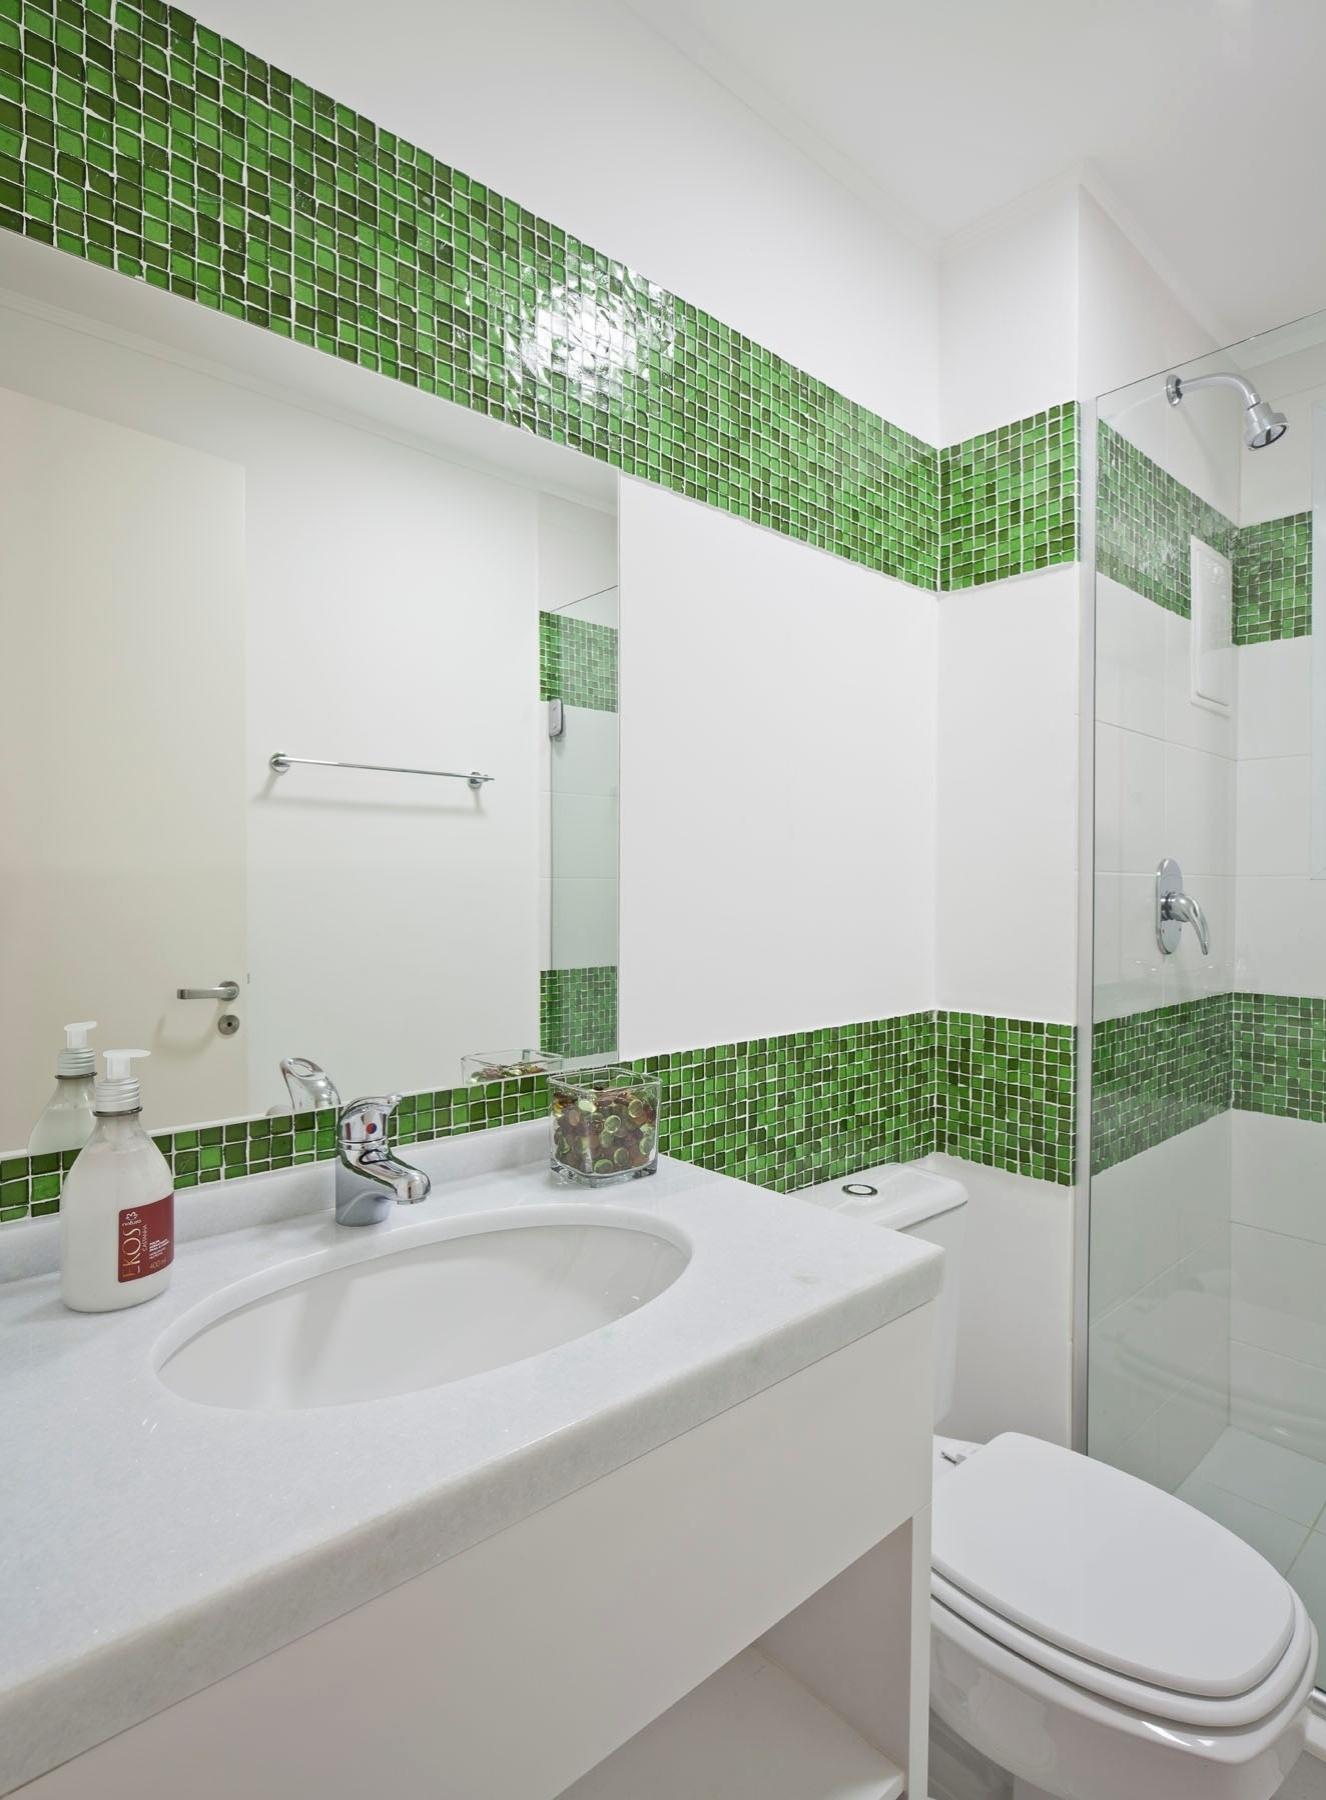 Banheiros pequenos dicas de decoração para quem tem pouco espaço  BOL Fotos -> Bancada De Banheiro Com Pastilha De Vidro